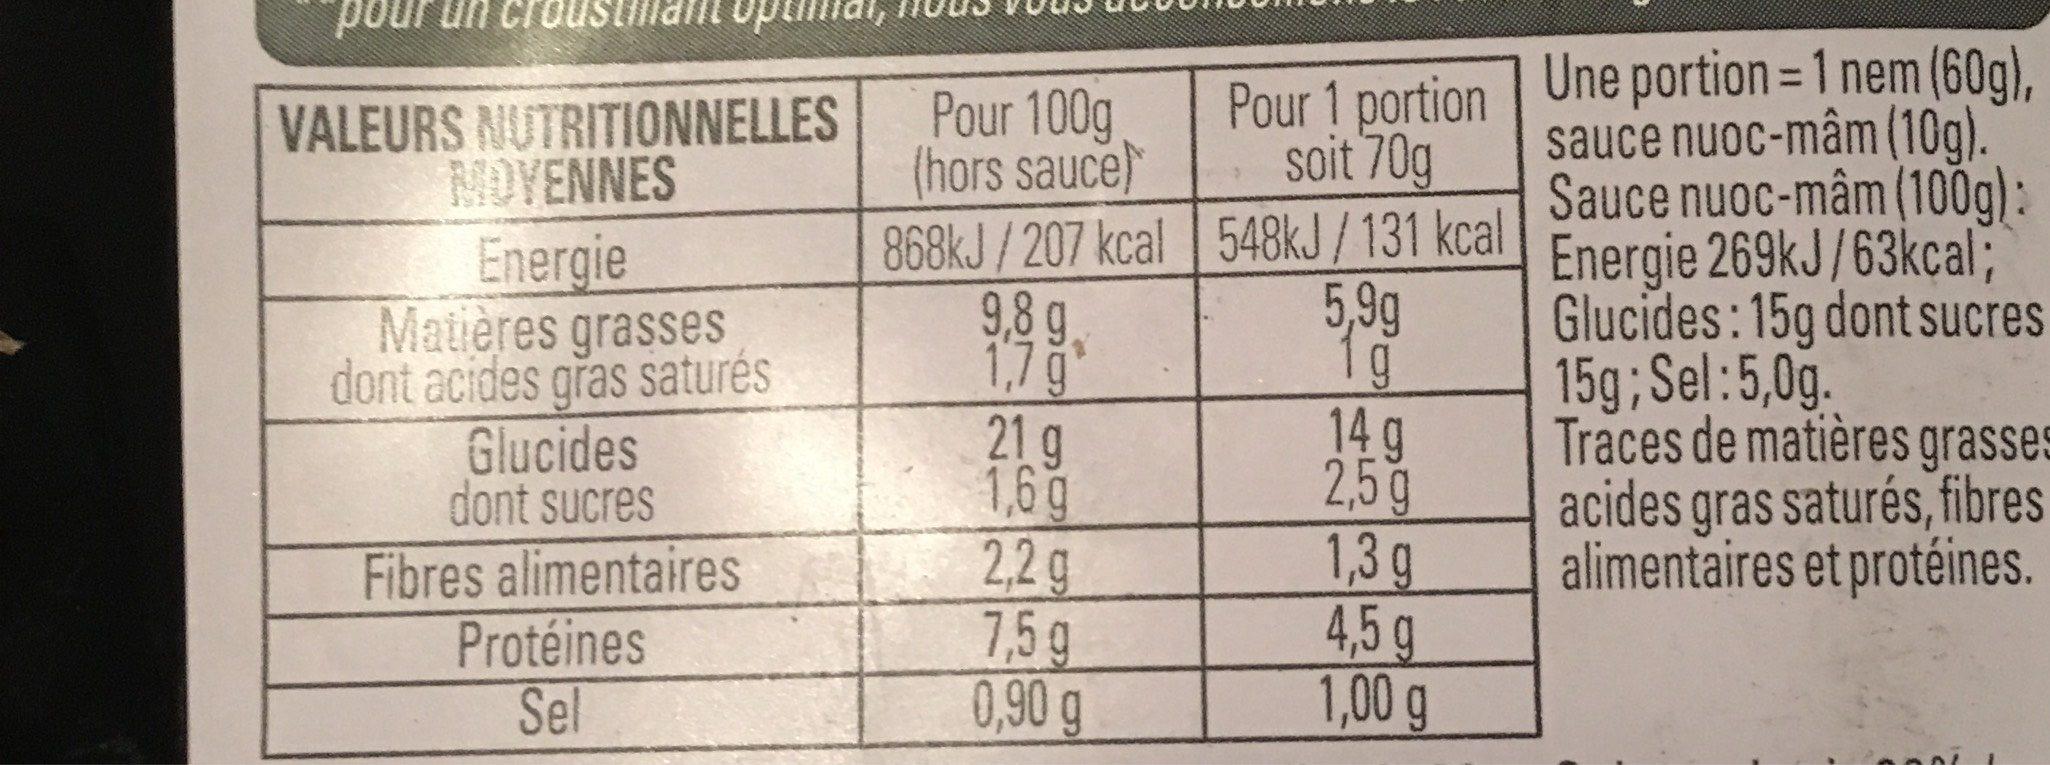 8 Nems Poulet avec Sauce (maxi format) - Informations nutritionnelles